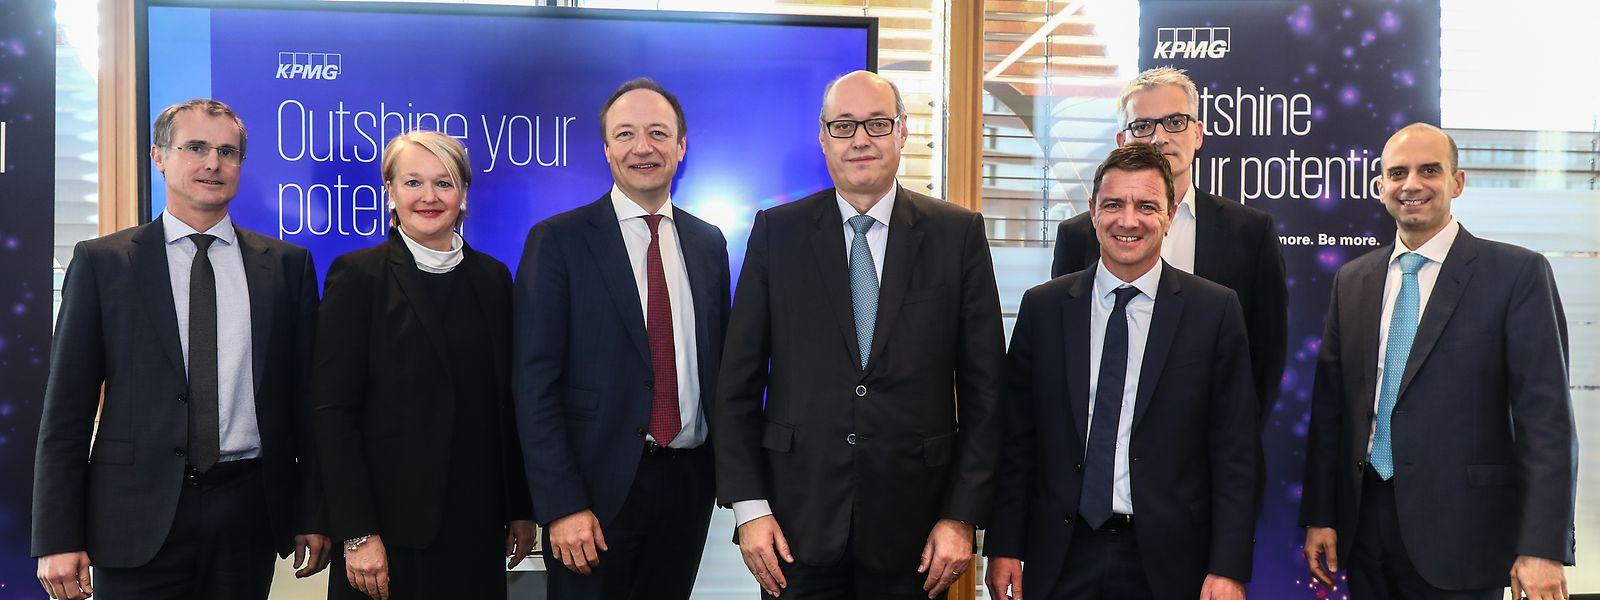 Das Führungsteam von KPMG Luxembourg: alle Geschäftsbereiche im grünen Bereich.